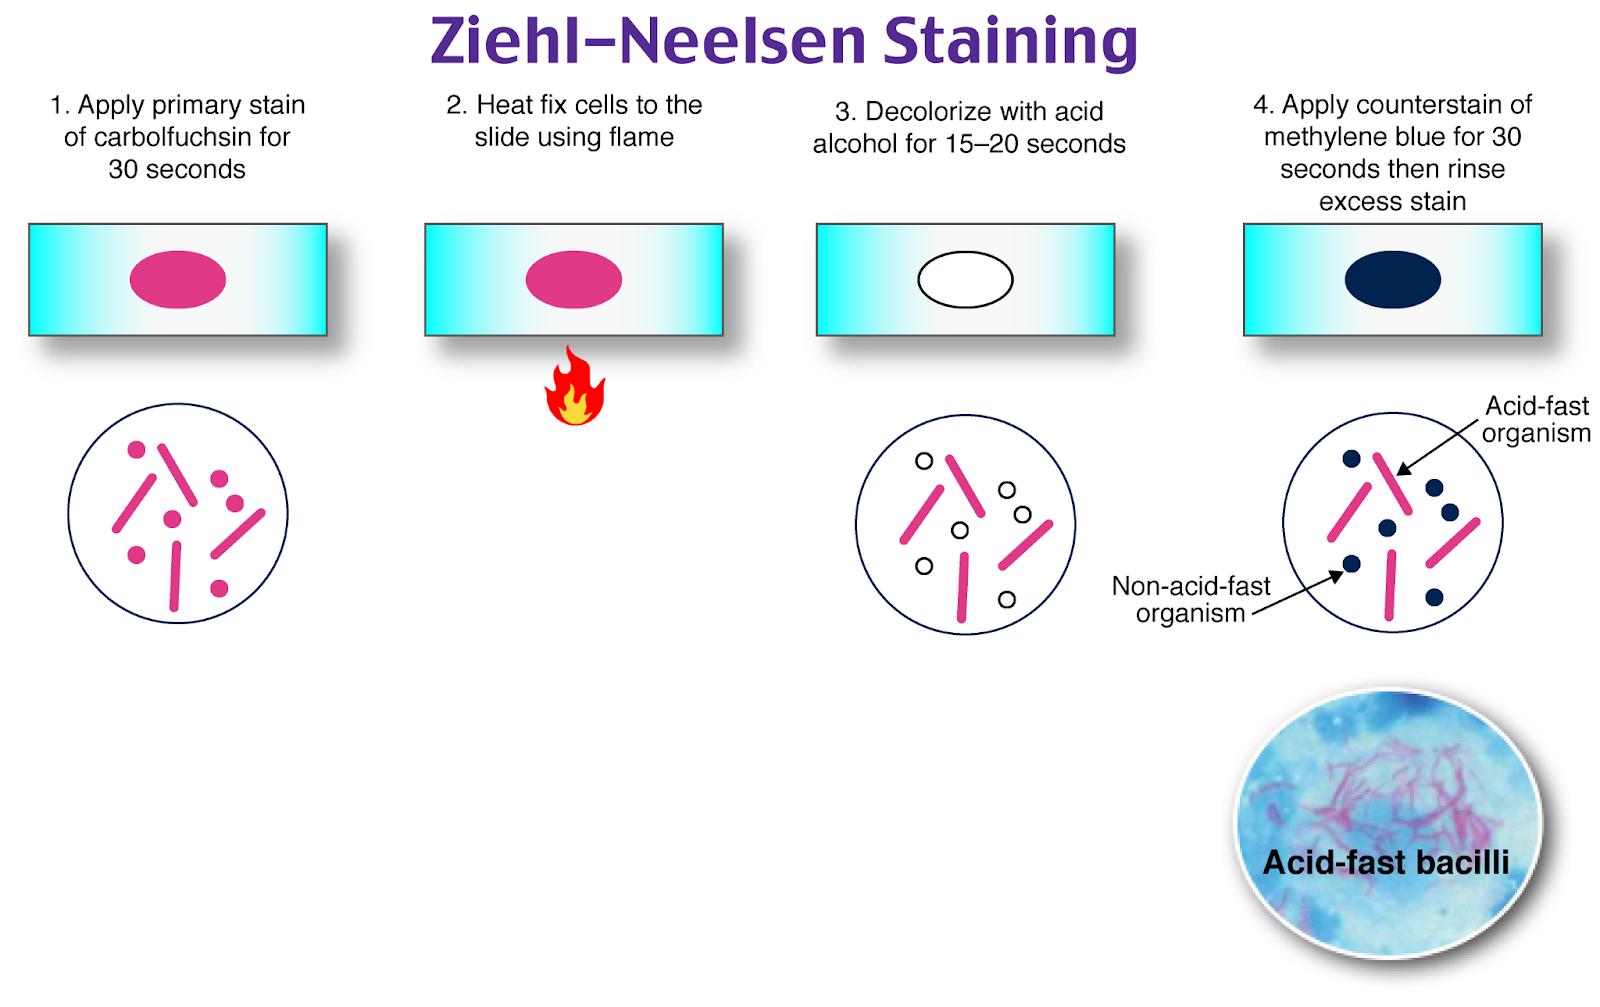 Ziehl-Neelsen Staining, Acid Fast bacteria